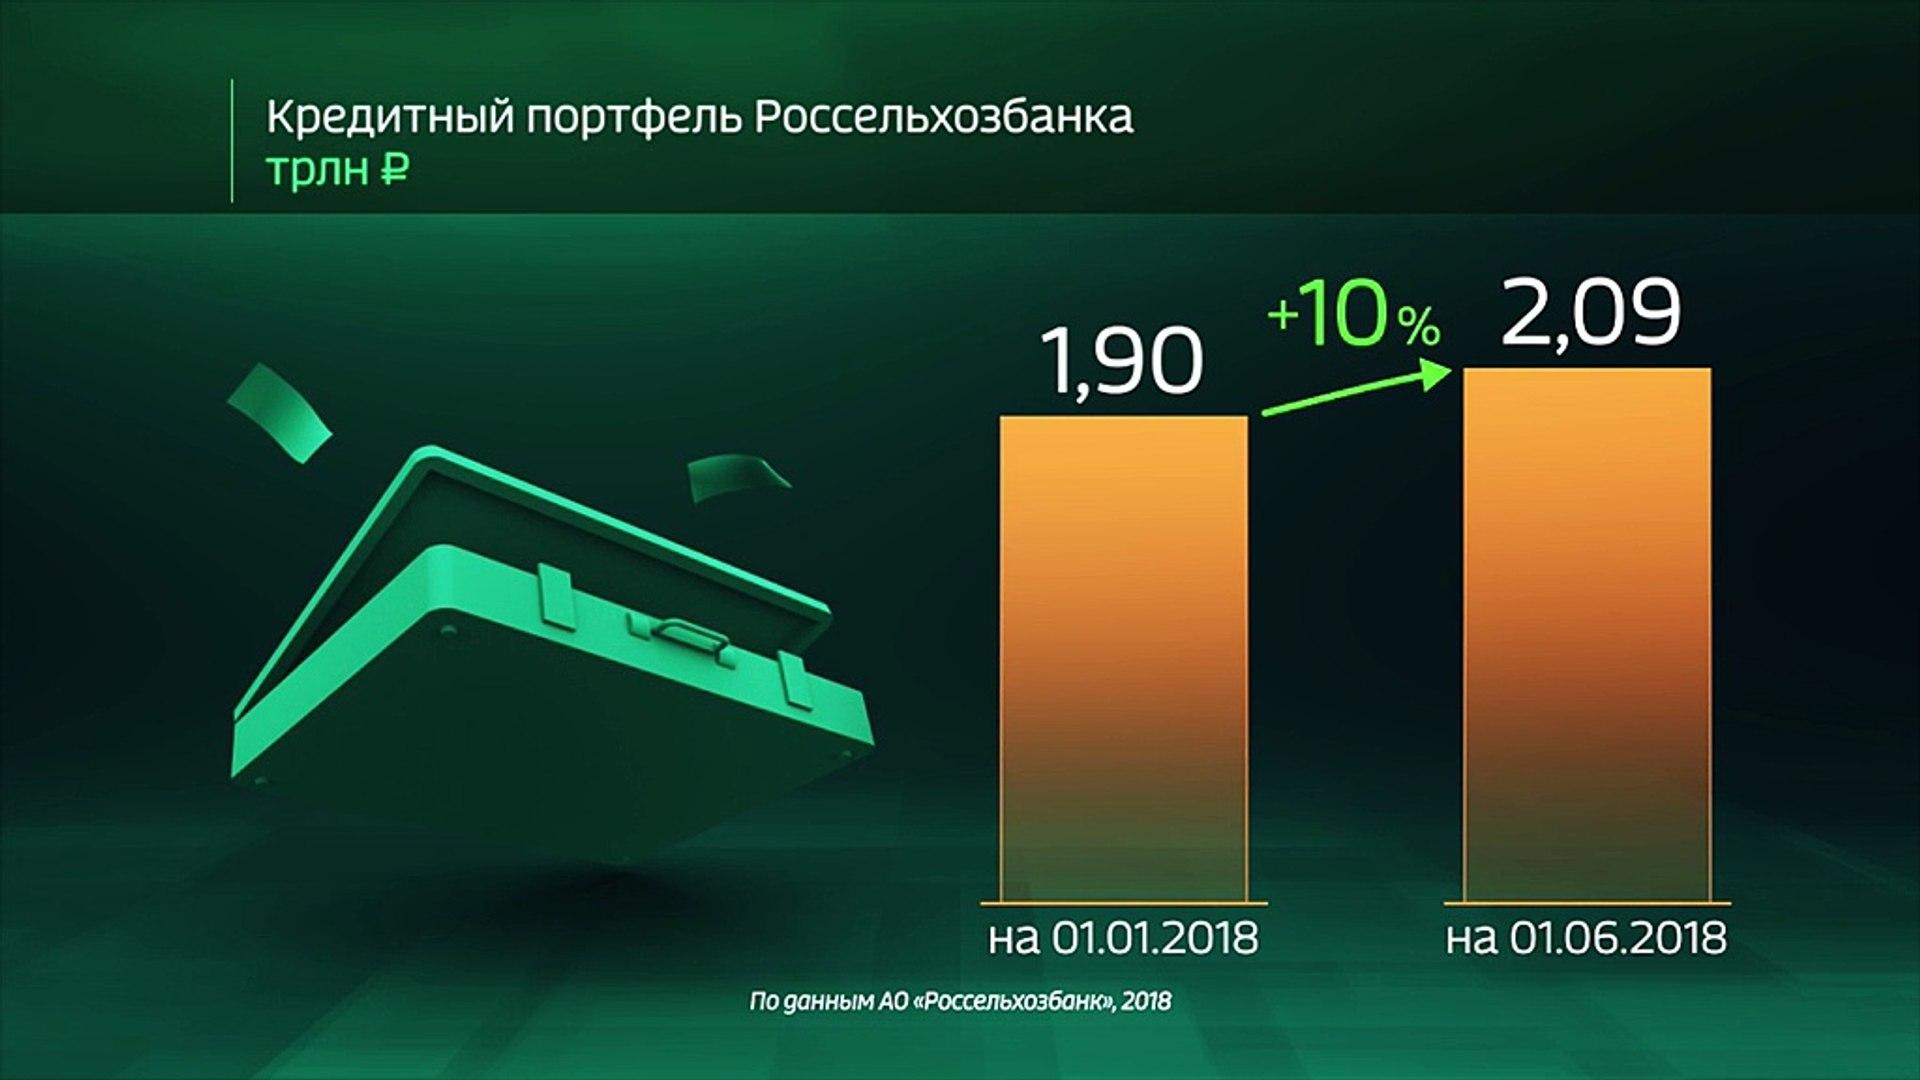 Россия в цифрах. Итоги Россельхозбанка за 5 месяцев 2018 года